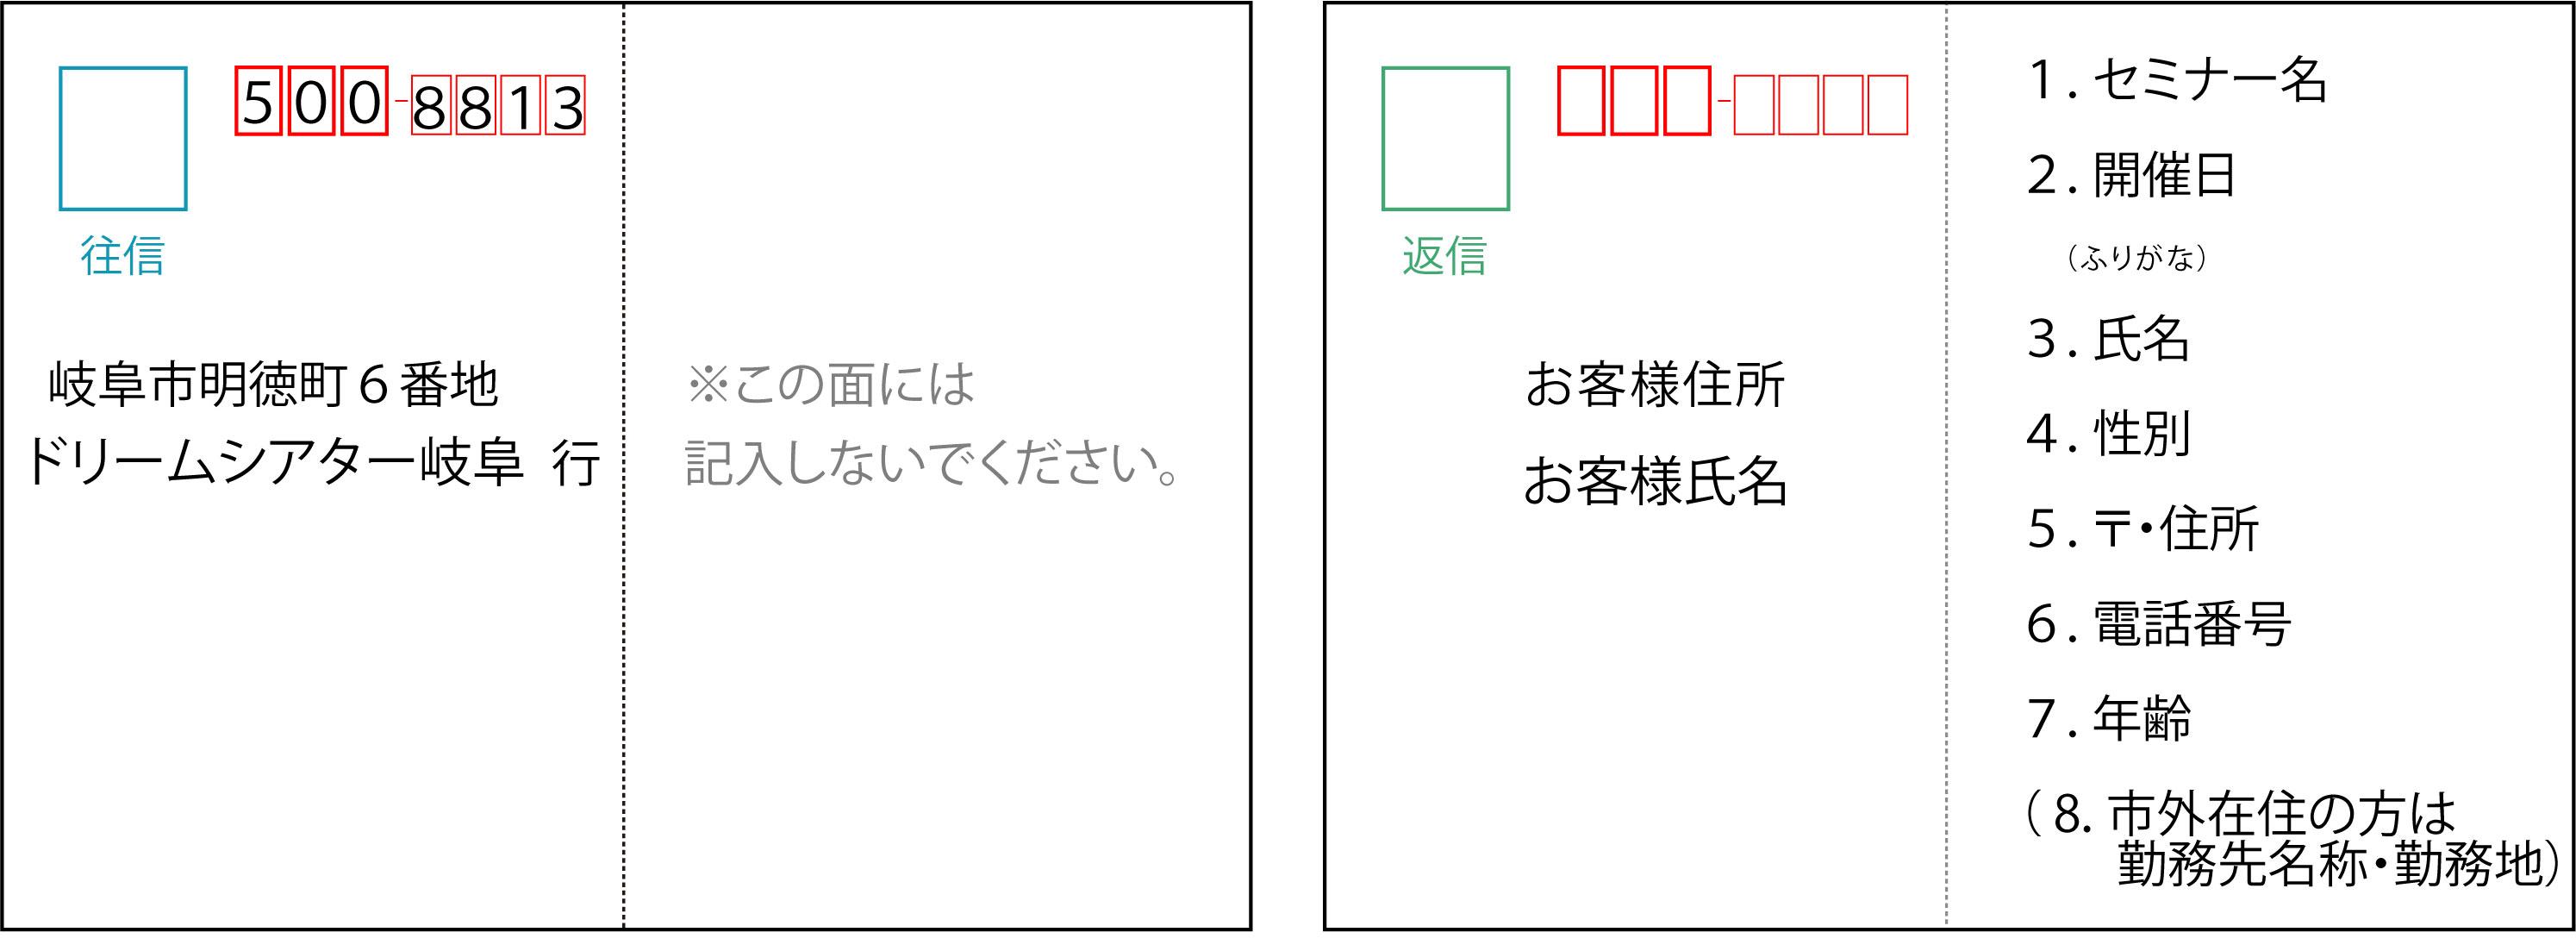 oufuku-hagaki 一般 スイー.